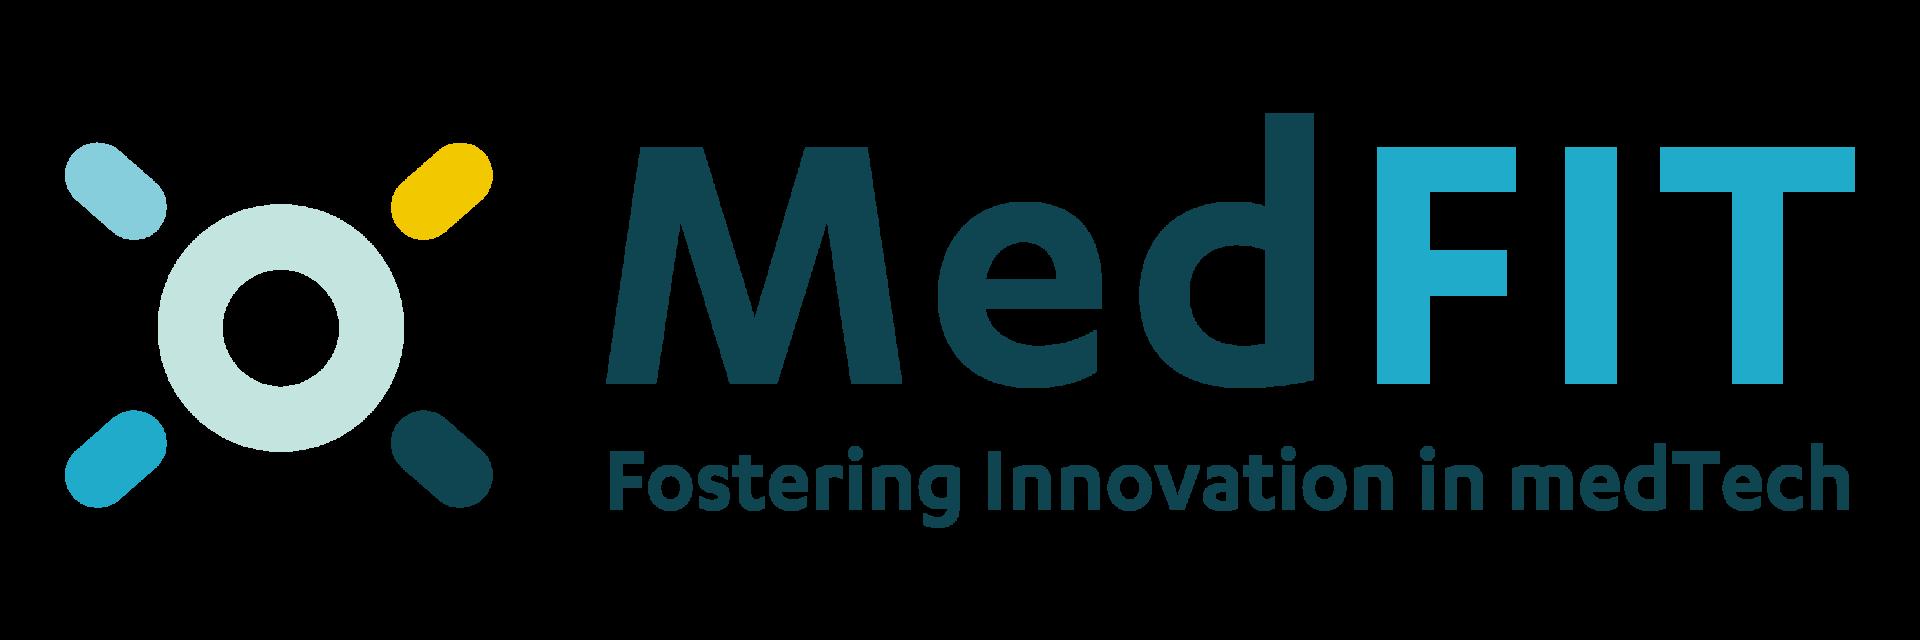 biotech info publicites logo medfit